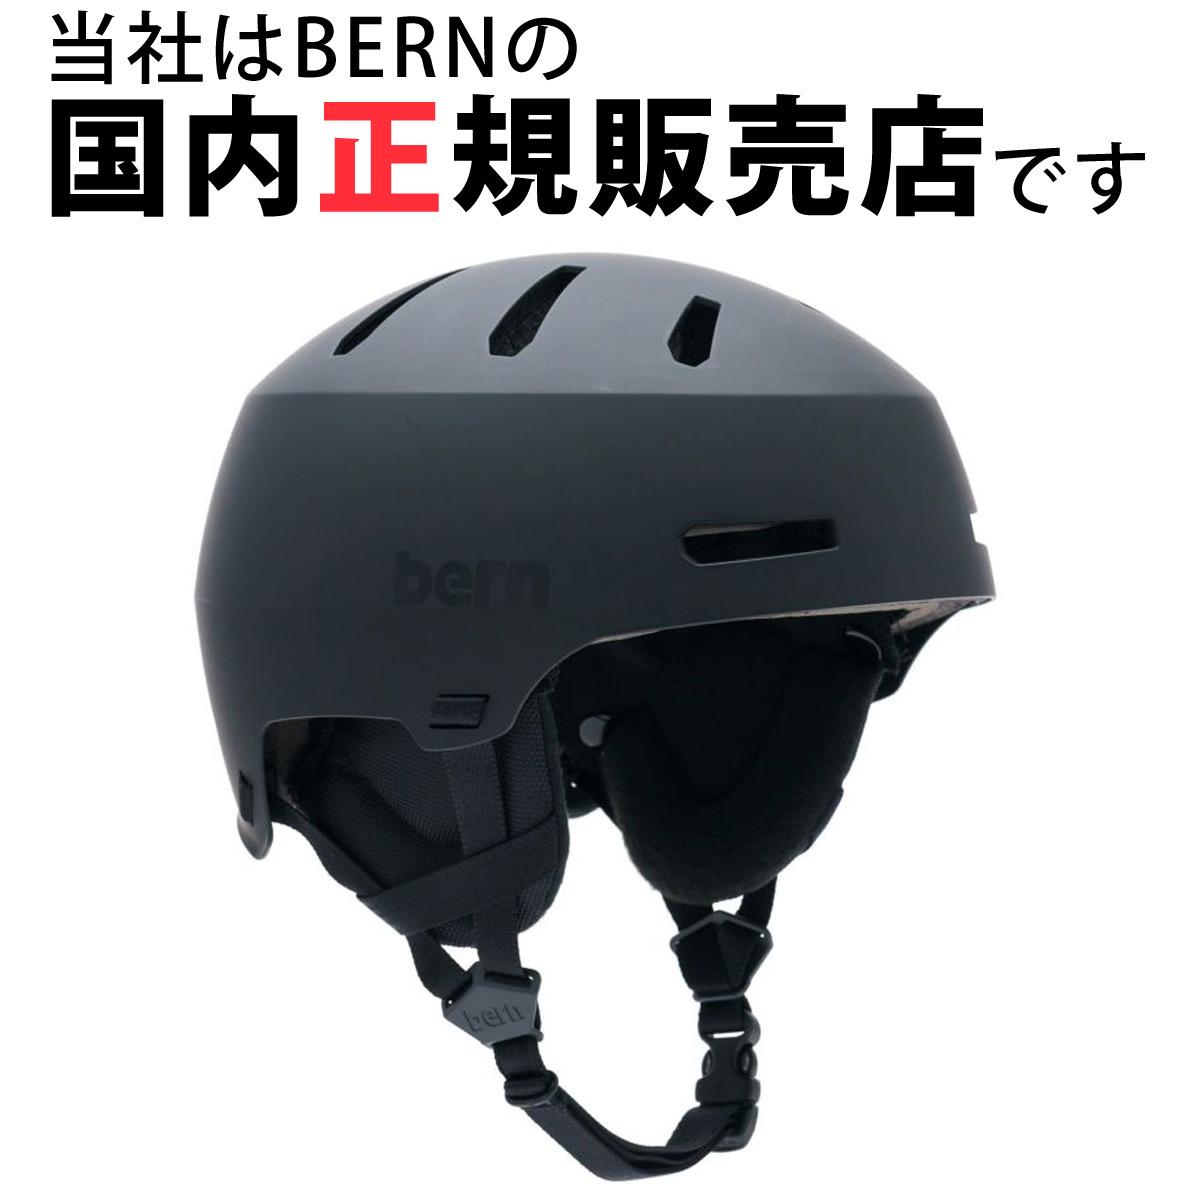 ヘルメット 自転車 WATTS ワッツ マットブラック BE-BM25BMBLK おしゃれ ツバ付きヘルメット ジャパンフィット スケボー ロードバイク サイクリング BERN バーン 国内正規販売店